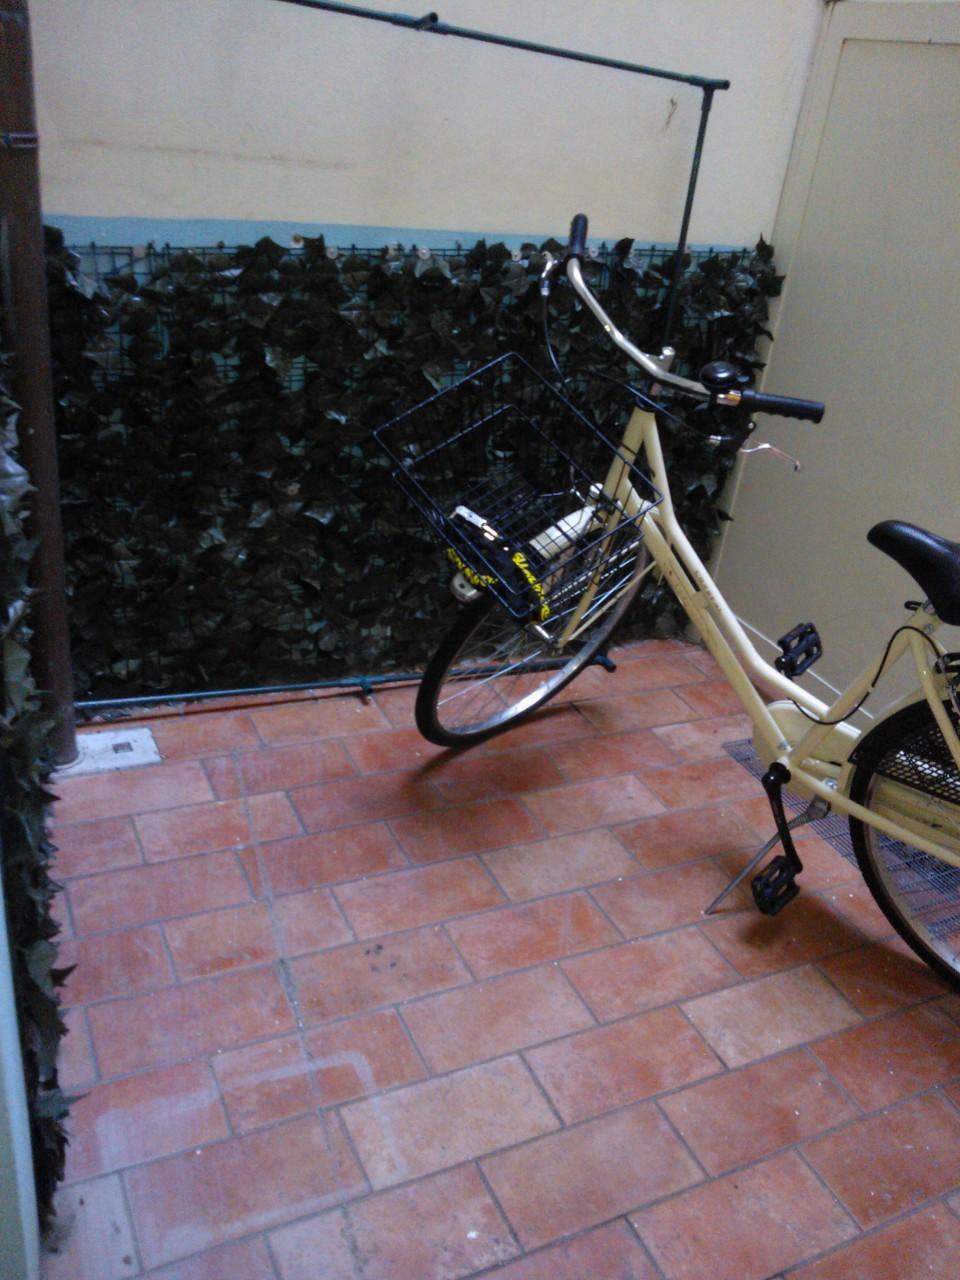 Bilocale Parma Via D 'azeglio  75 8